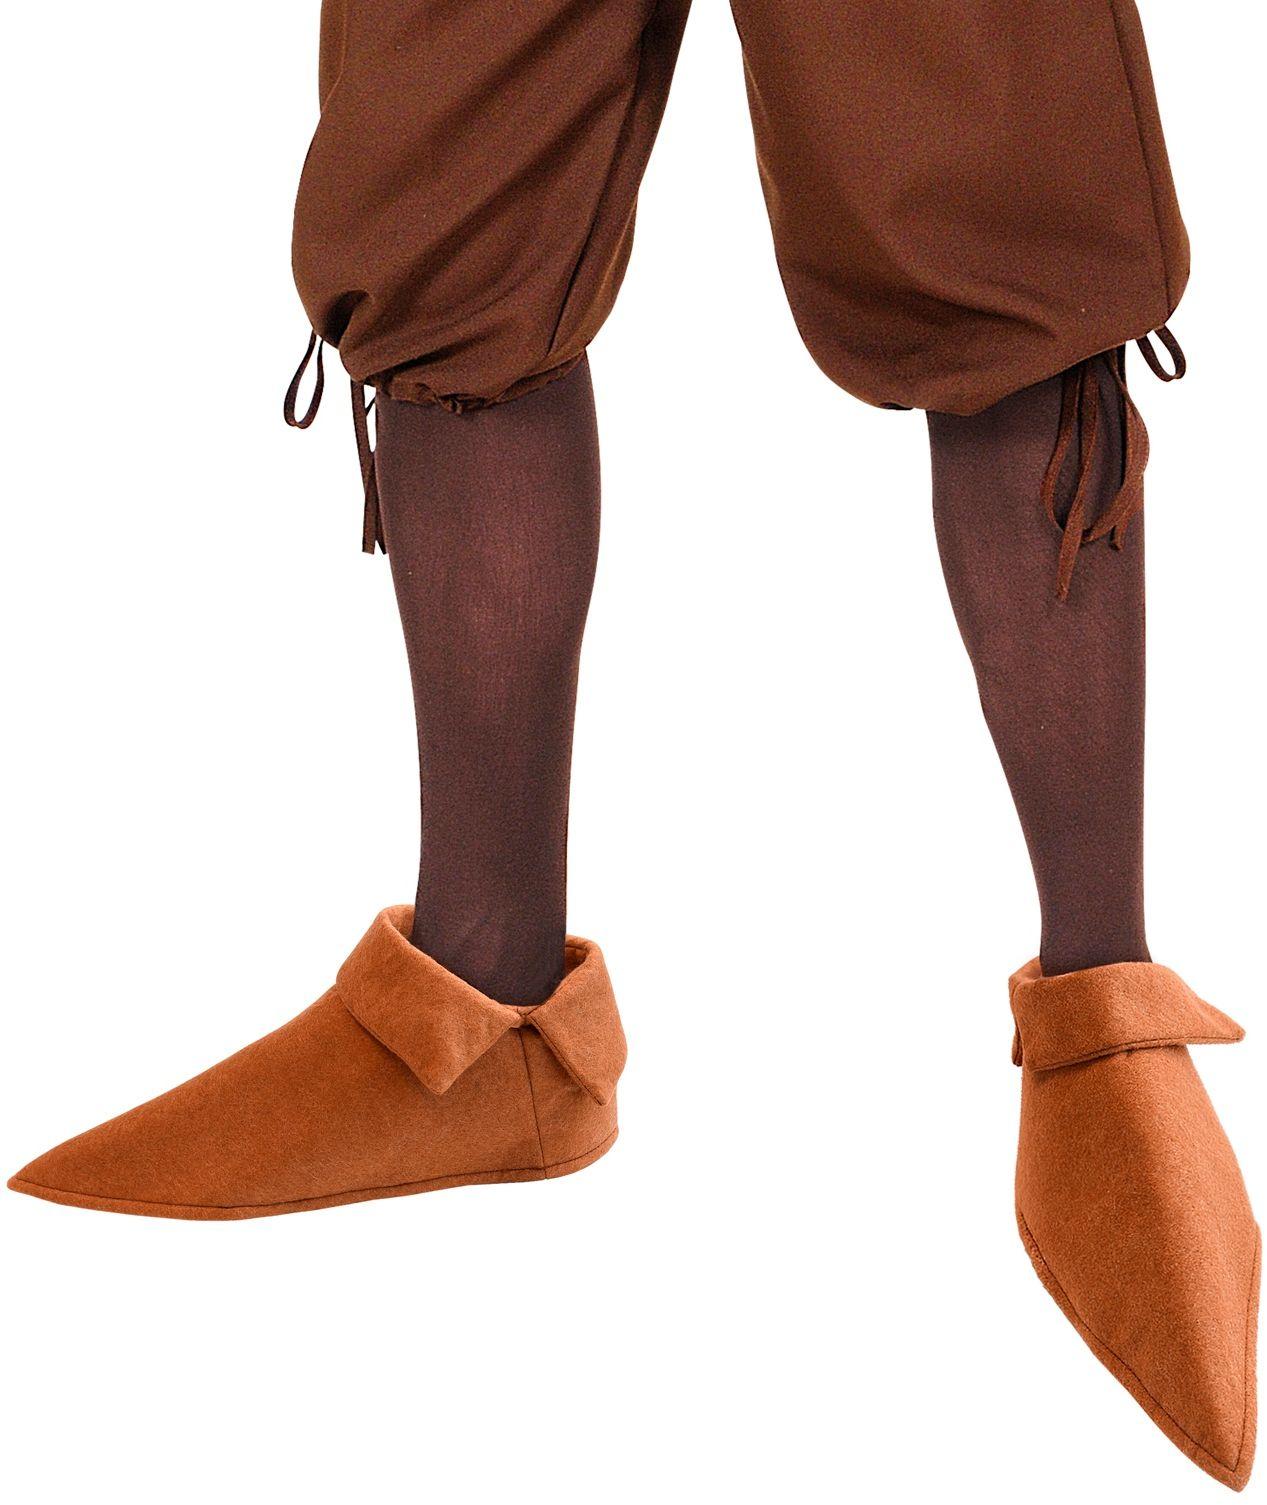 Middeleeuwse schoen covers